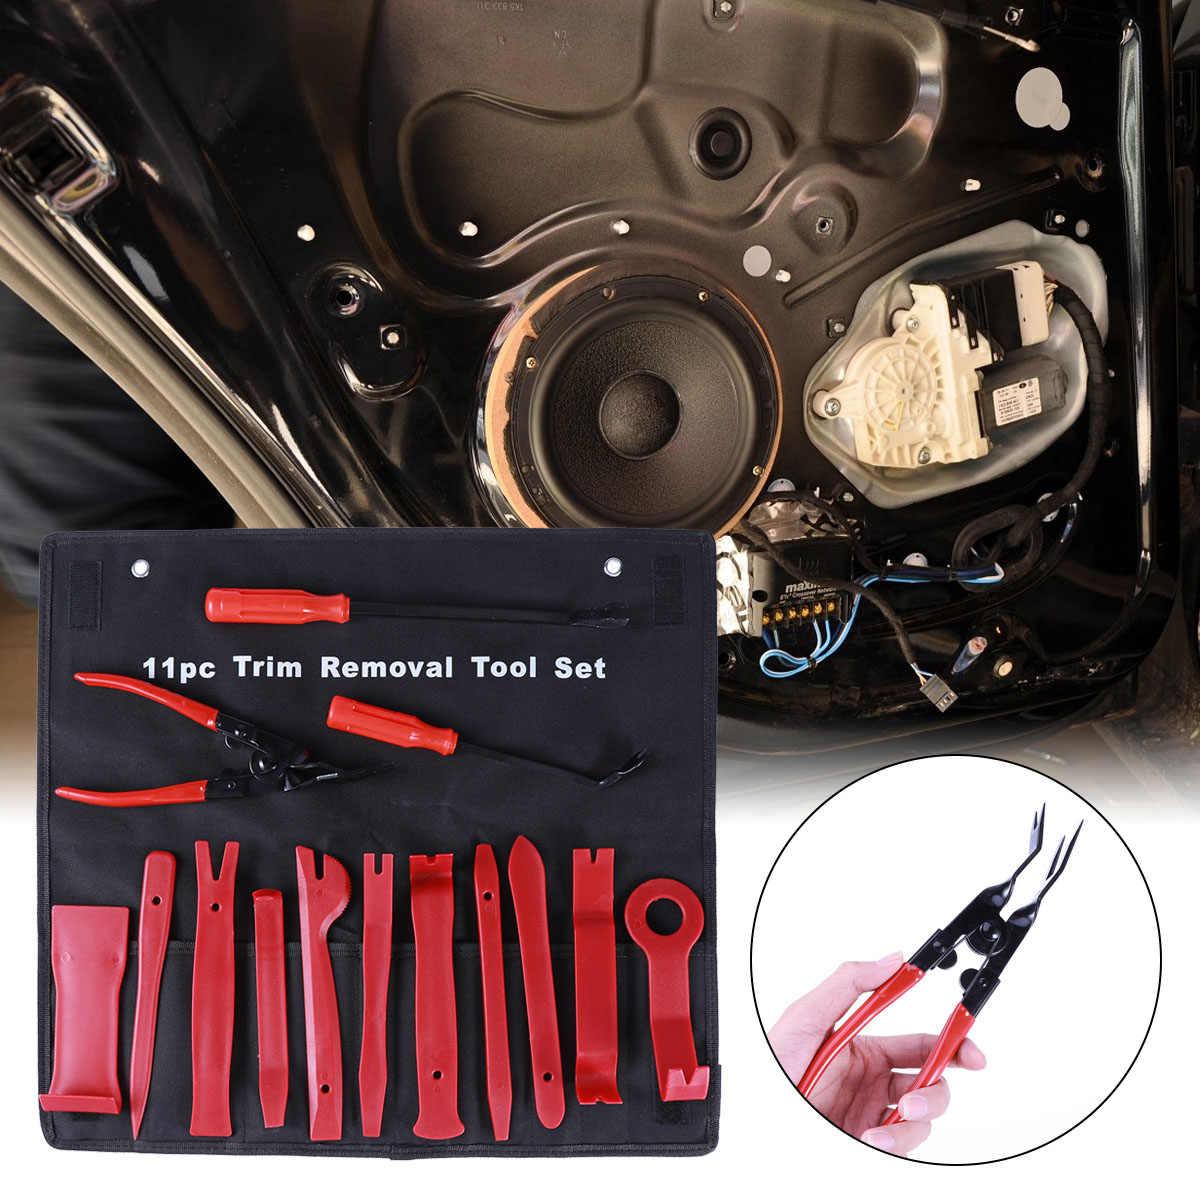 14 шт. элементы отделки автомобиля набор инструментов для удаления дверной панели CD динамик литья тире радио набор инструментов для удаления авто инструменты для ремонта (с тканевой сумкой)